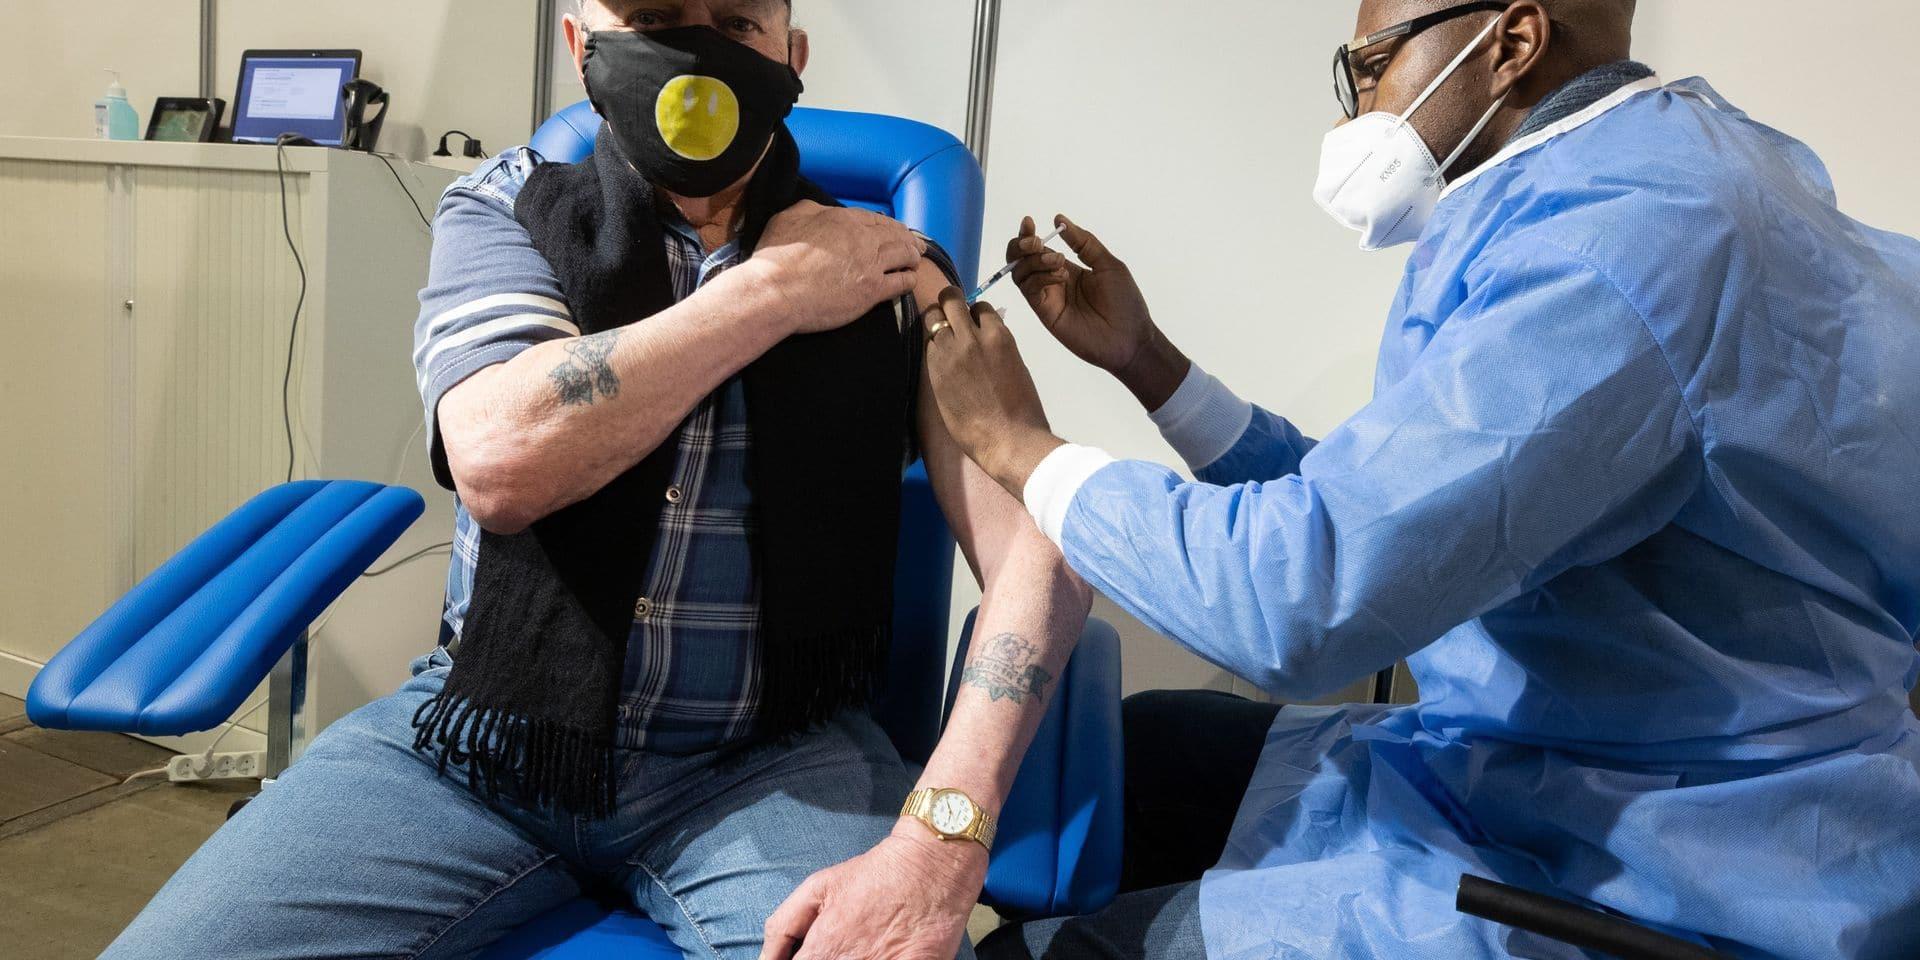 Les pertes de vaccin sont très limitées jusqu'à présent, selon la taskforce vaccination